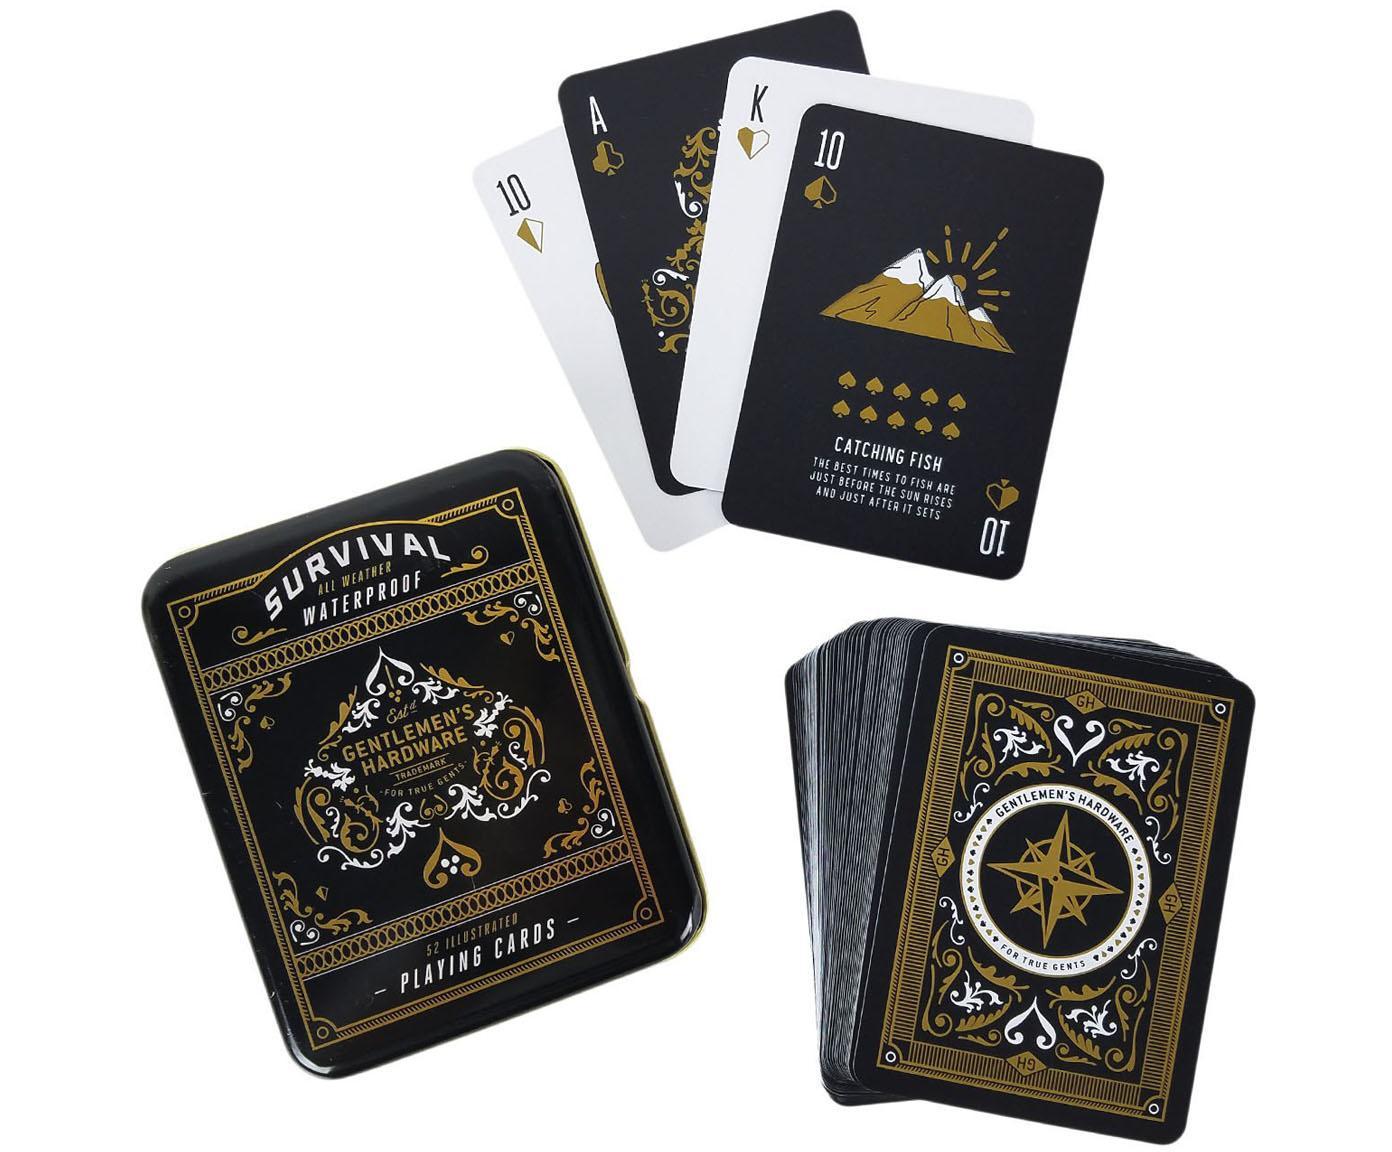 Speelkaartenset Survival, Doos: metaal, Doos: zwart, wit, goudkleurig. Kaarten: zwart, wit, goudkleurig, 11 x 2 cm